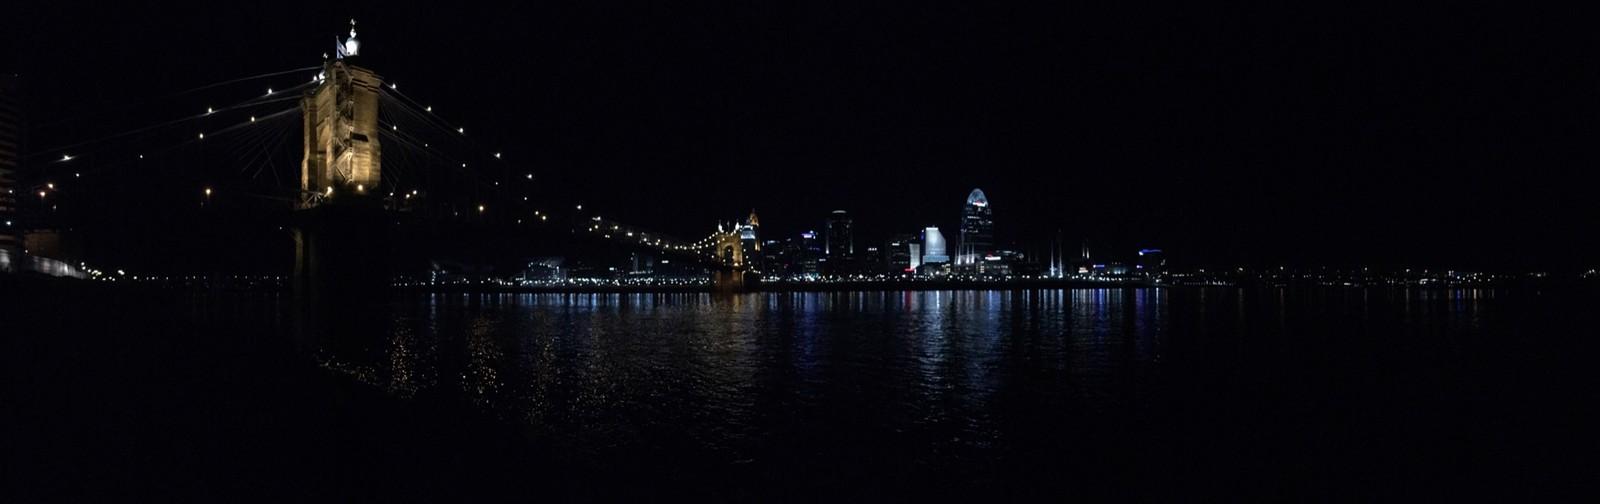 Ночная панорама - iPhone 6S Plus